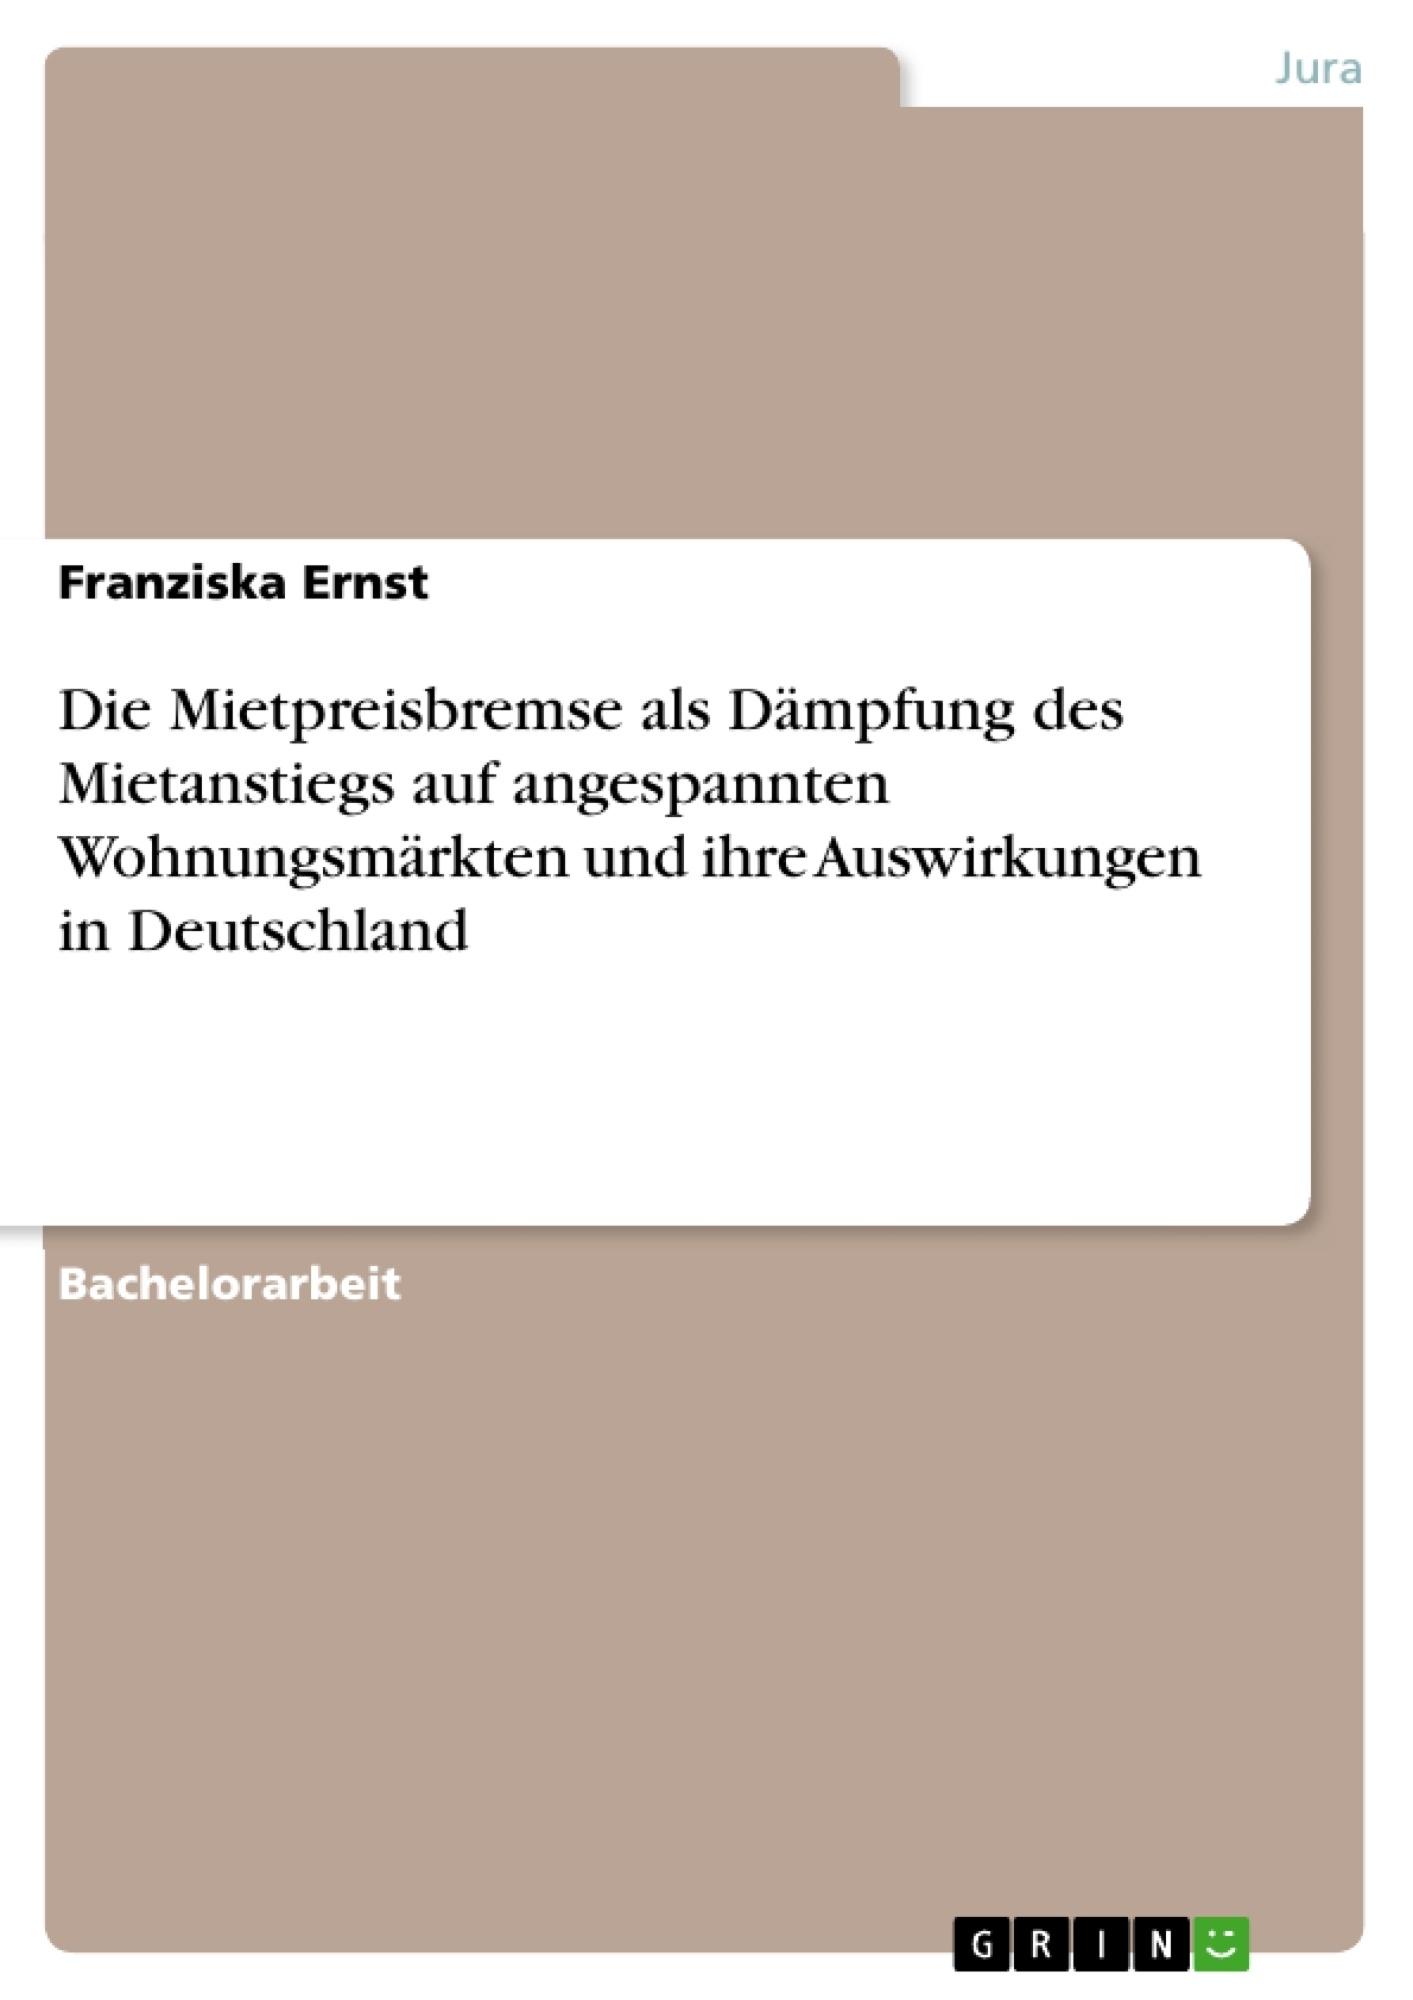 Titel: Die Mietpreisbremse als Dämpfung des Mietanstiegs auf angespannten Wohnungsmärkten und ihre Auswirkungen in Deutschland